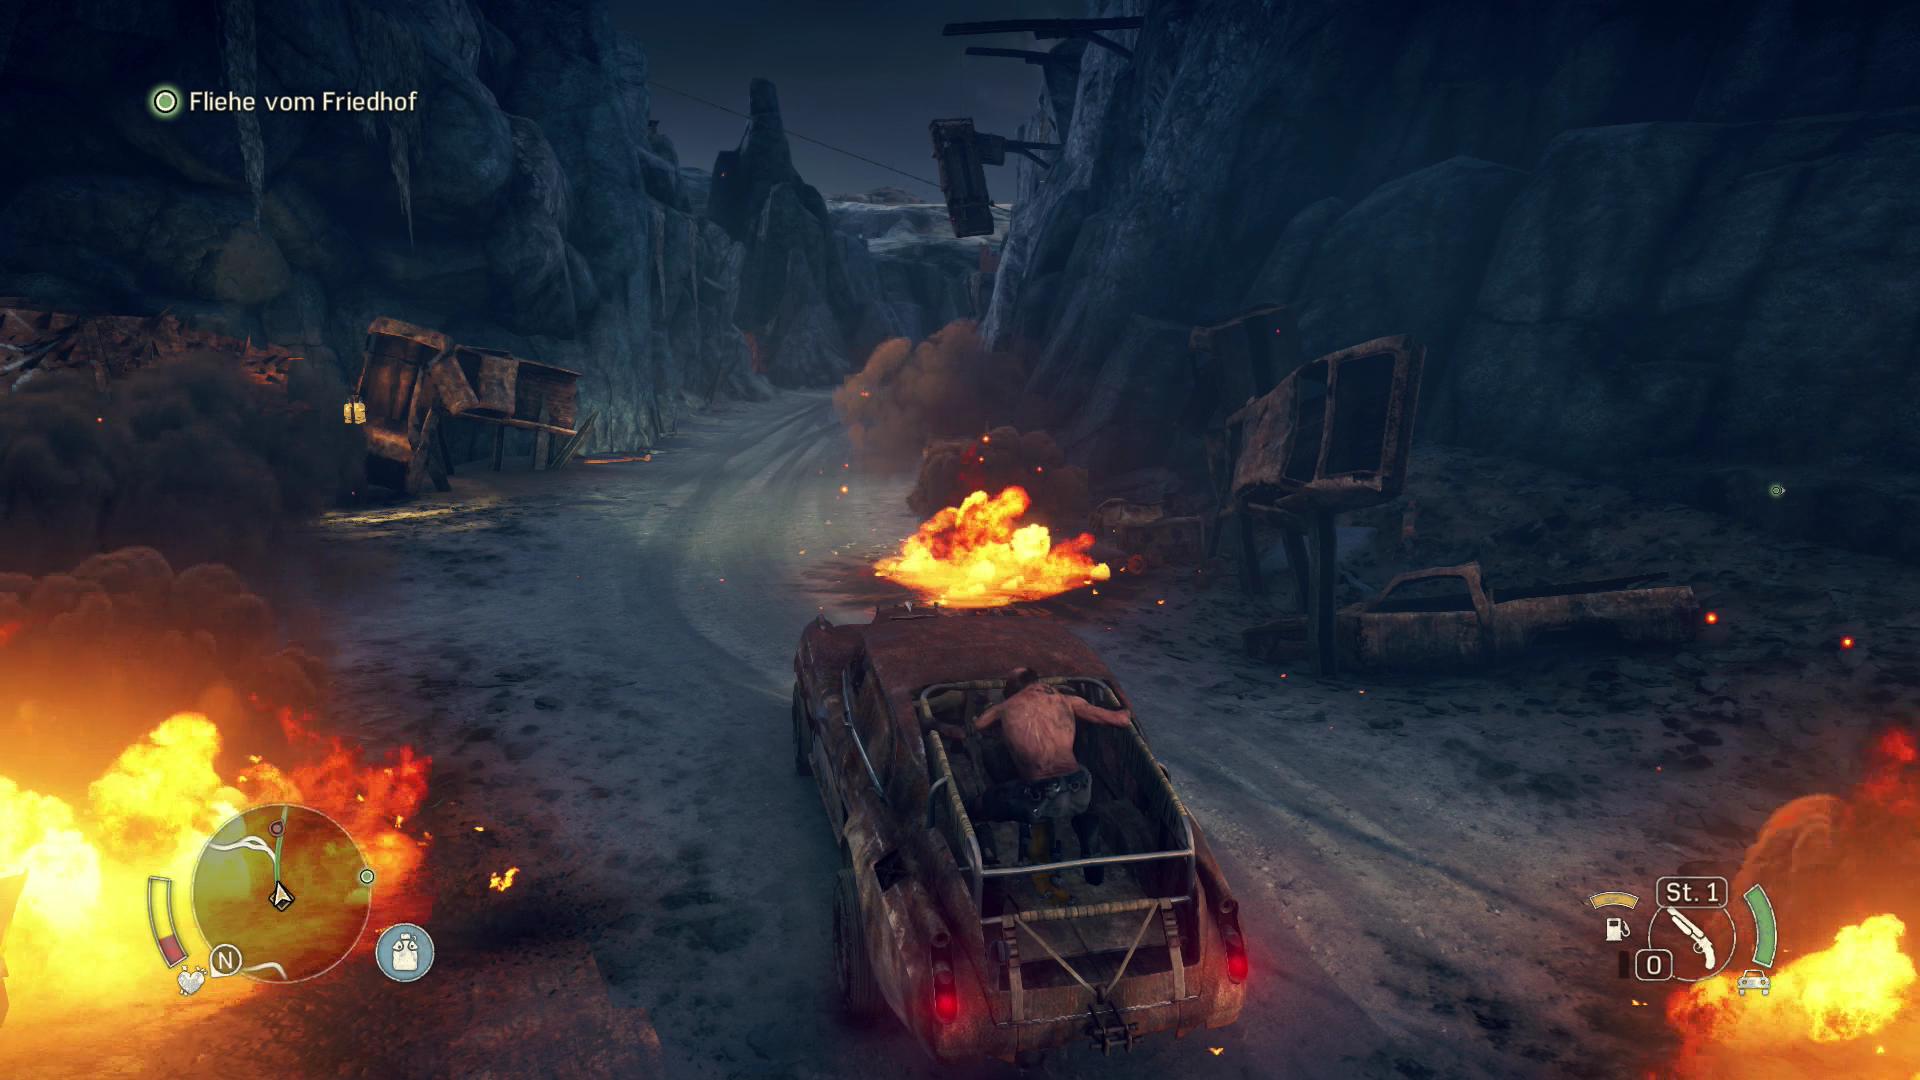 Mad Max im Test: Sandbox voll mit schönem Schrott - Immer wieder gibt es schicke Feuer- und Flammeneffekte zu sehen. (Screenshot: Golem.de)